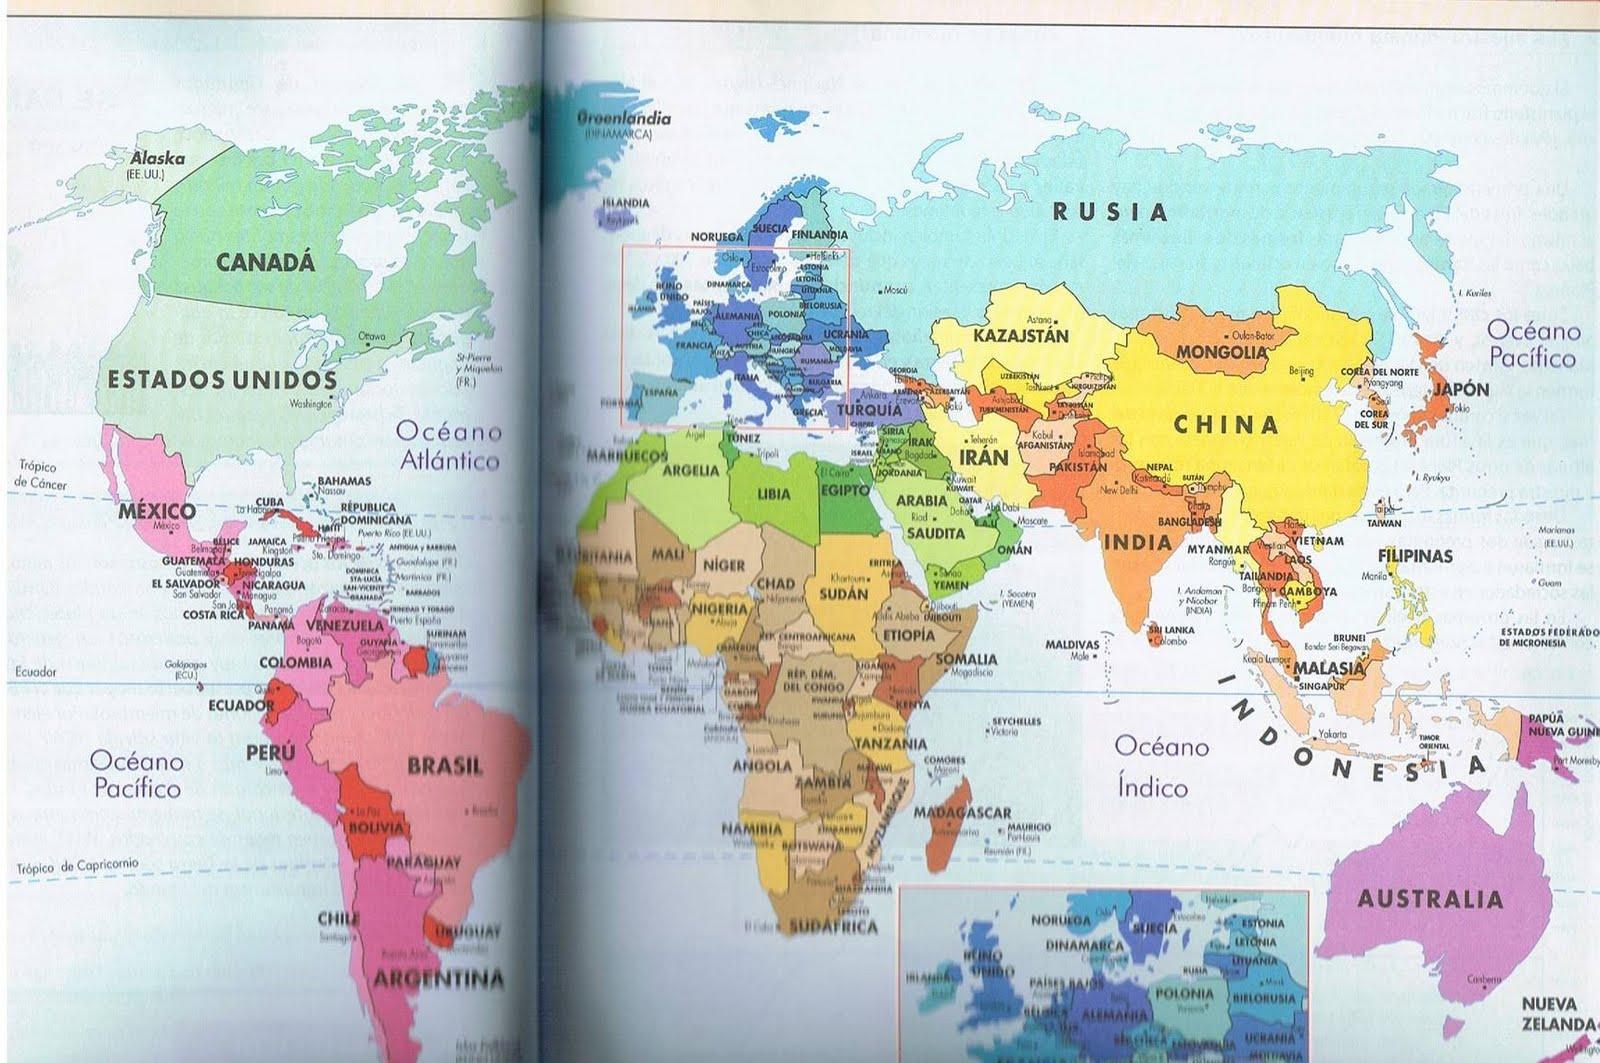 Mapa Planisferio Politico Mudo | Graffiti Graffiti